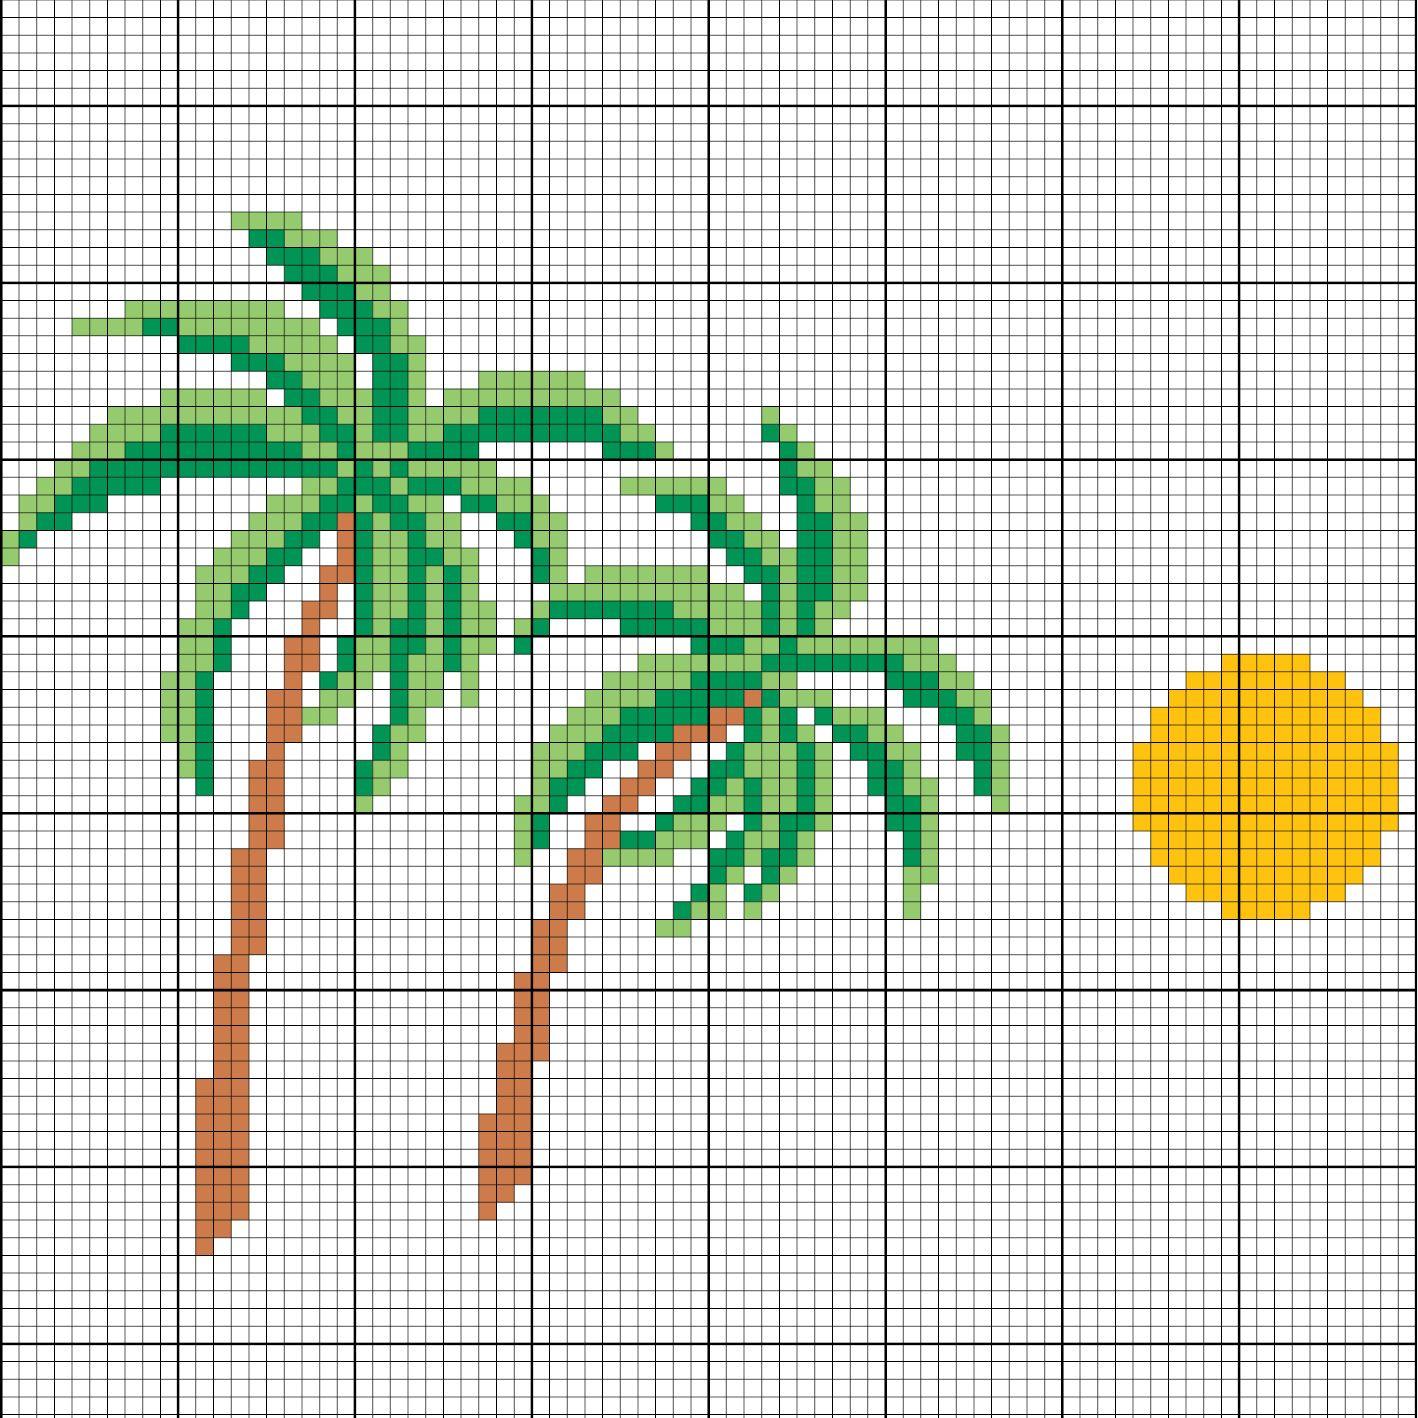 Palmen sticken - Entdecke zahlreiche kostenlose Charts zum Sticken ...